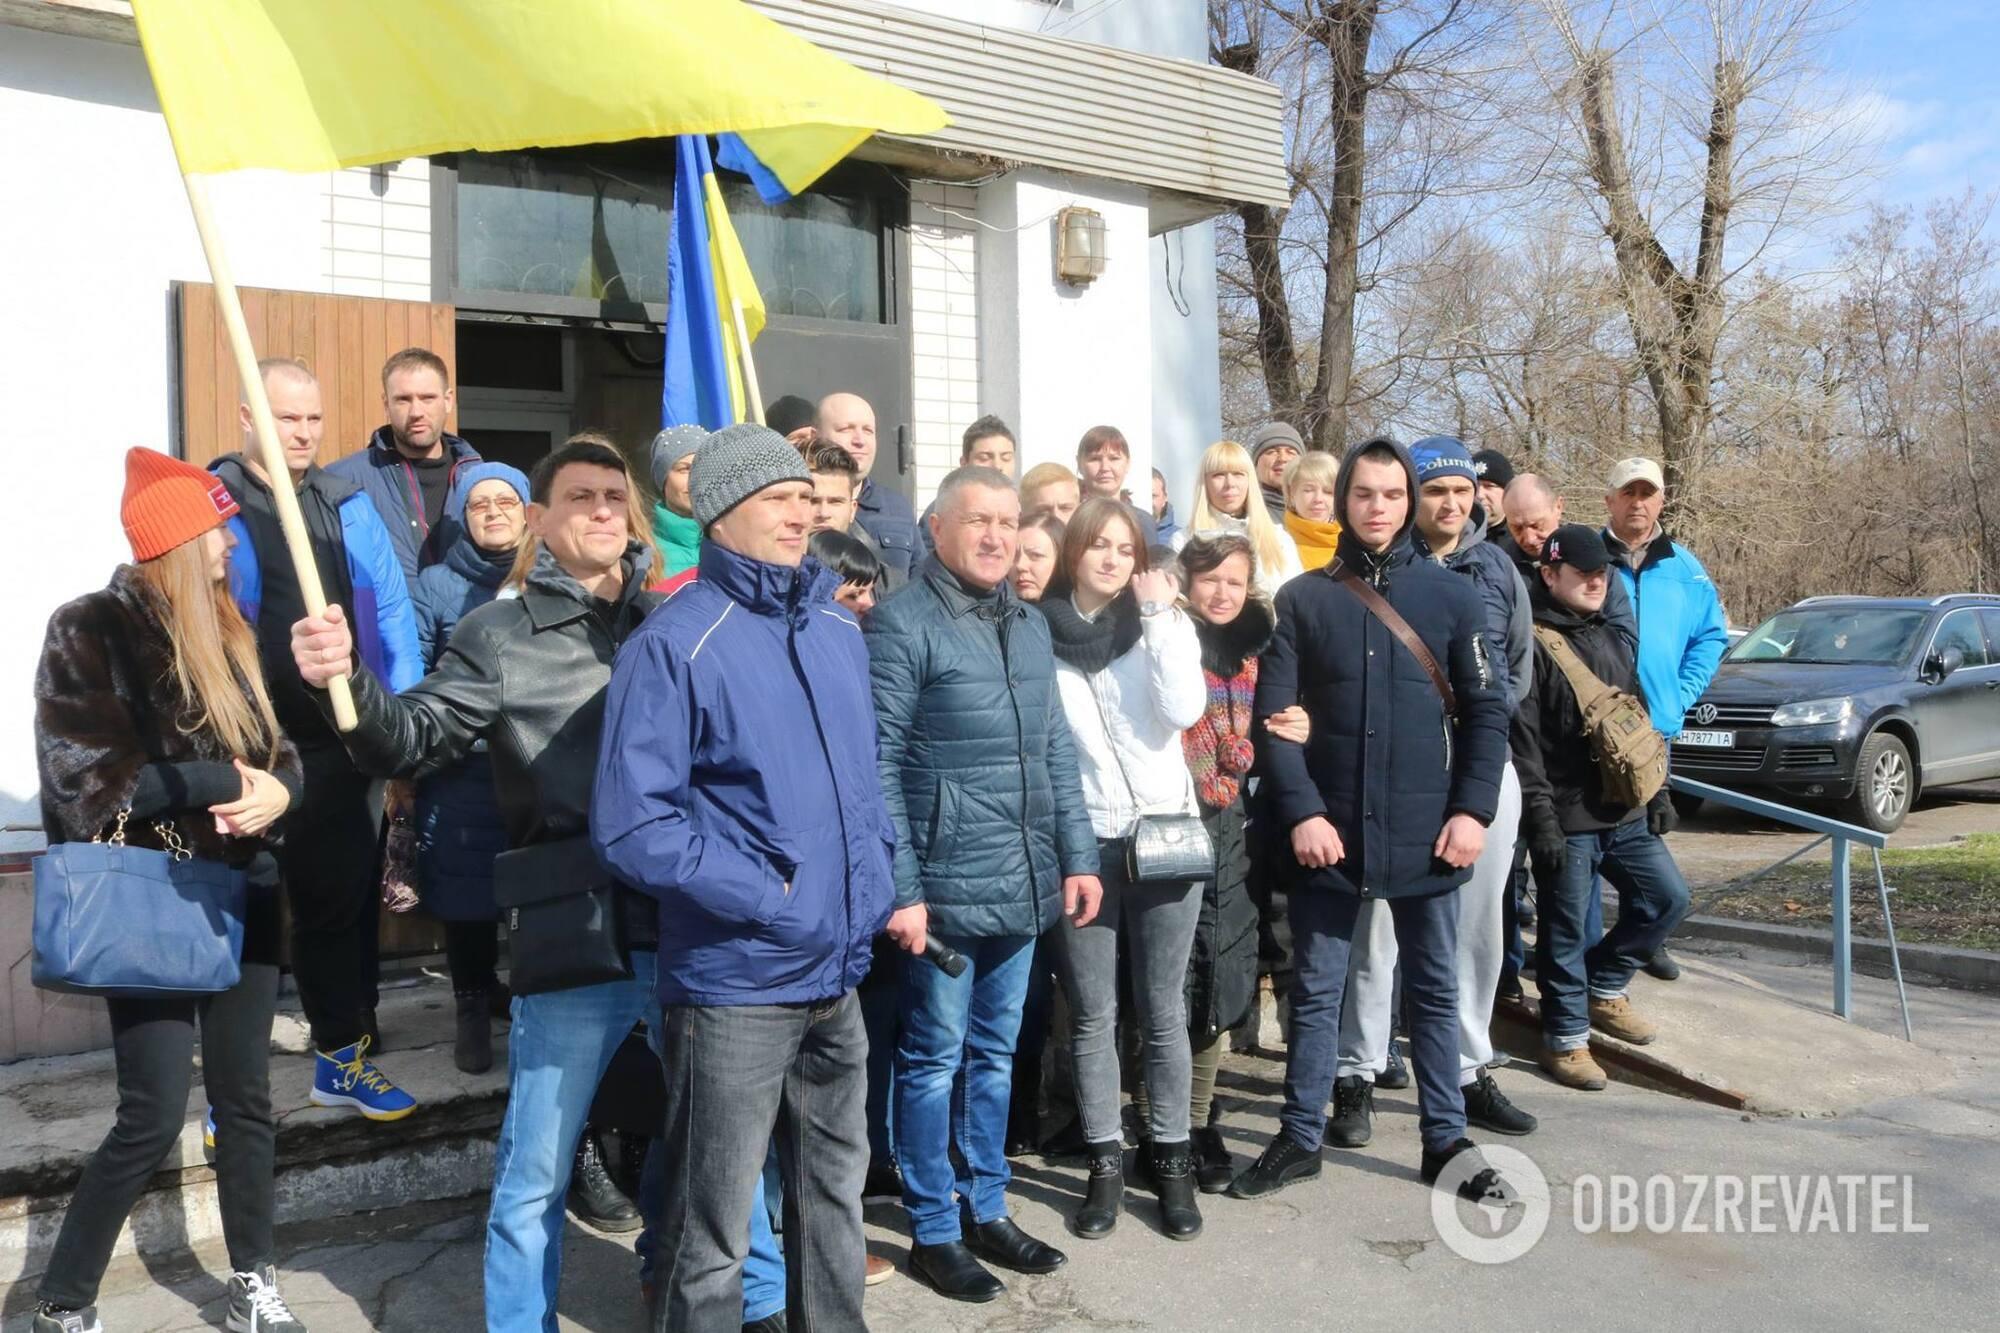 Мітинг під будівлею Дніпровського суду в Кам'янському